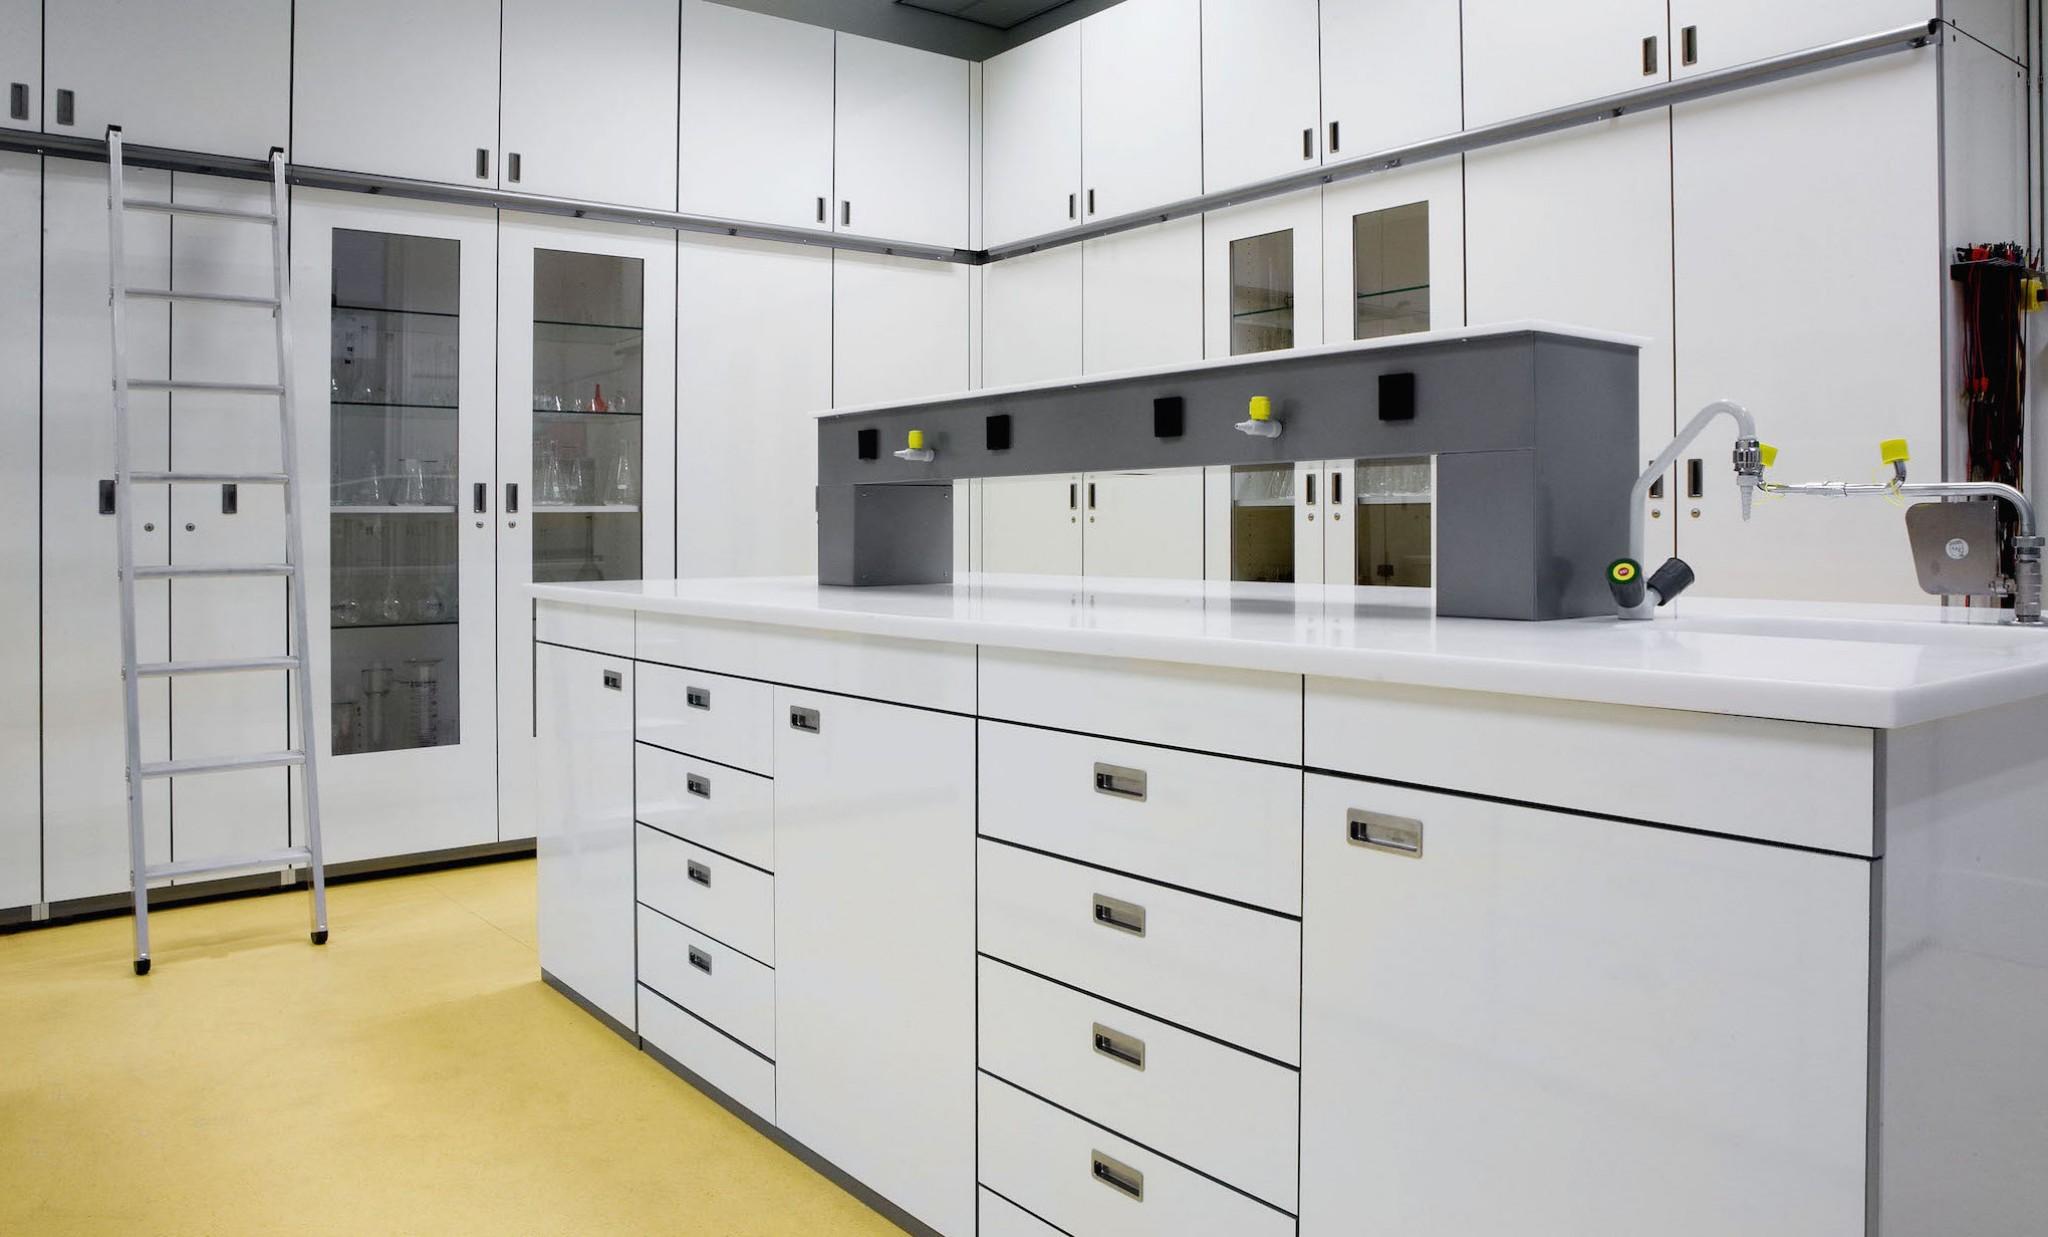 De Ontwerpwerkplaats, Gijs Niemeijer, Floor van Ditzhuyzen, Practicum meubilair, ontwerp speciaal meubilair scholen, ontwerp BINASK-meubilair, ontwerp technisch meubilair, ontwerp laboratorium meubilair, practicum meubilair , speciaal meubilair scholen, BINASK-meubilair